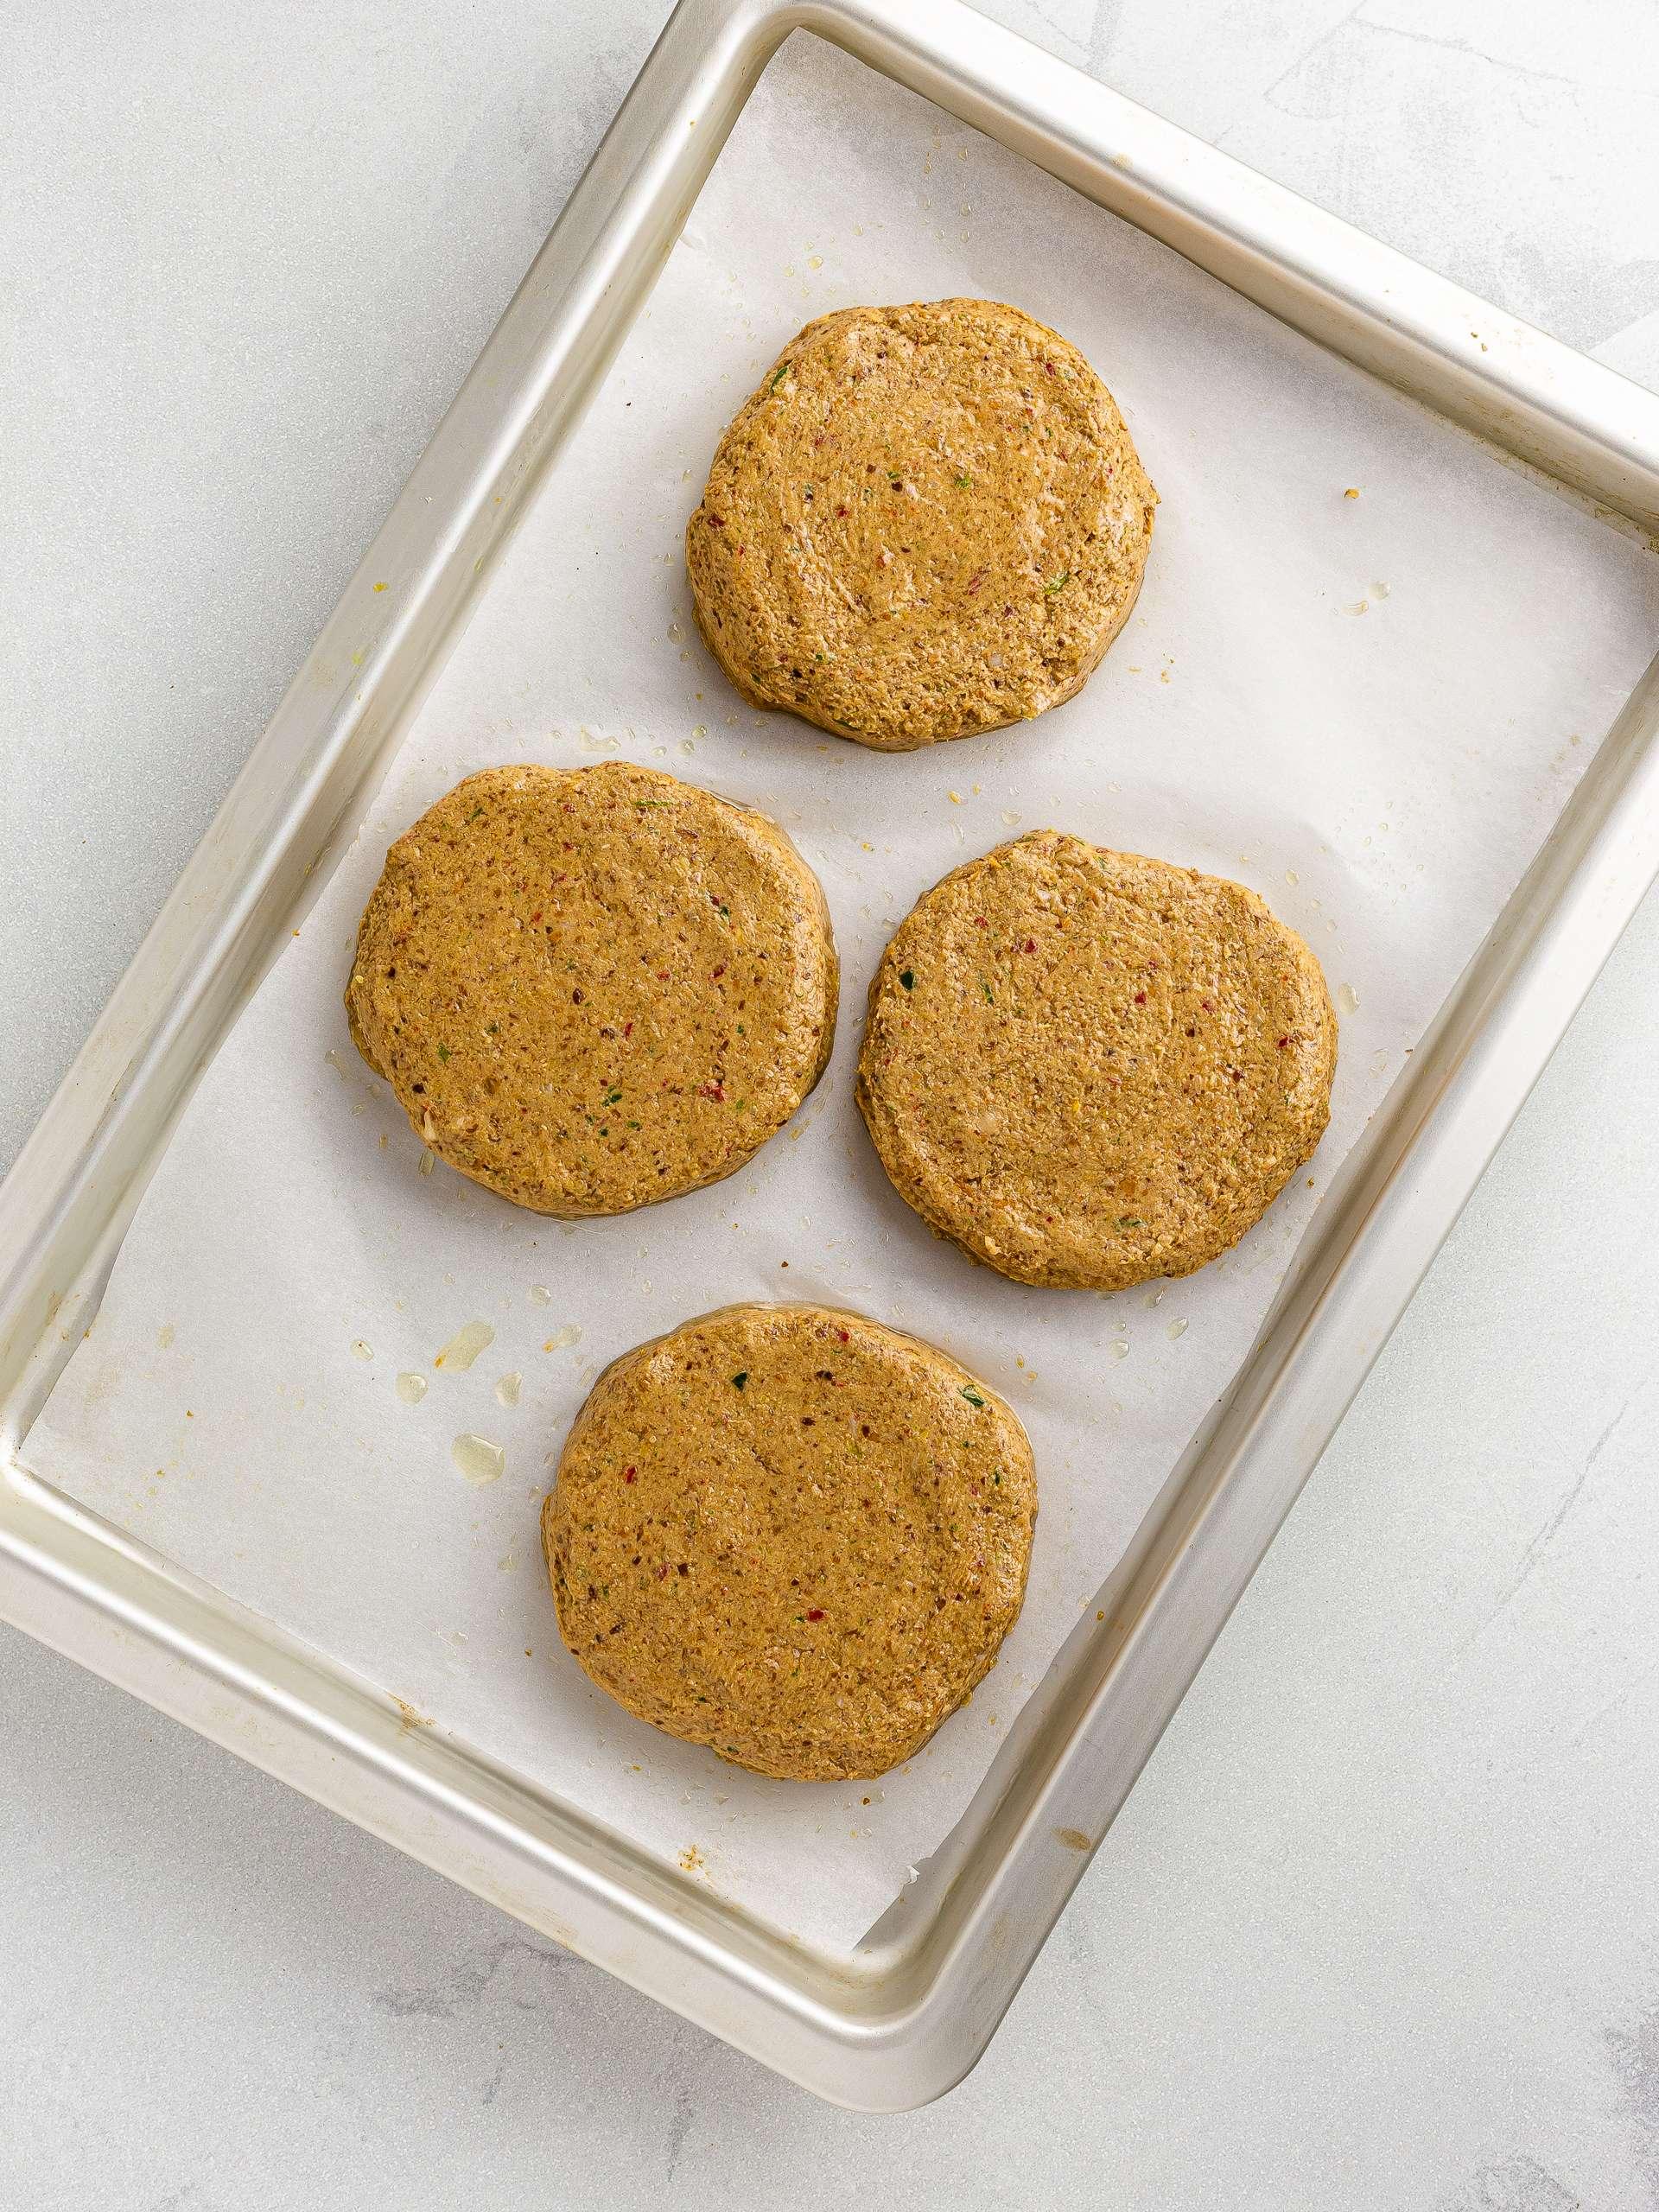 jackfruit burger patties on a baking tray